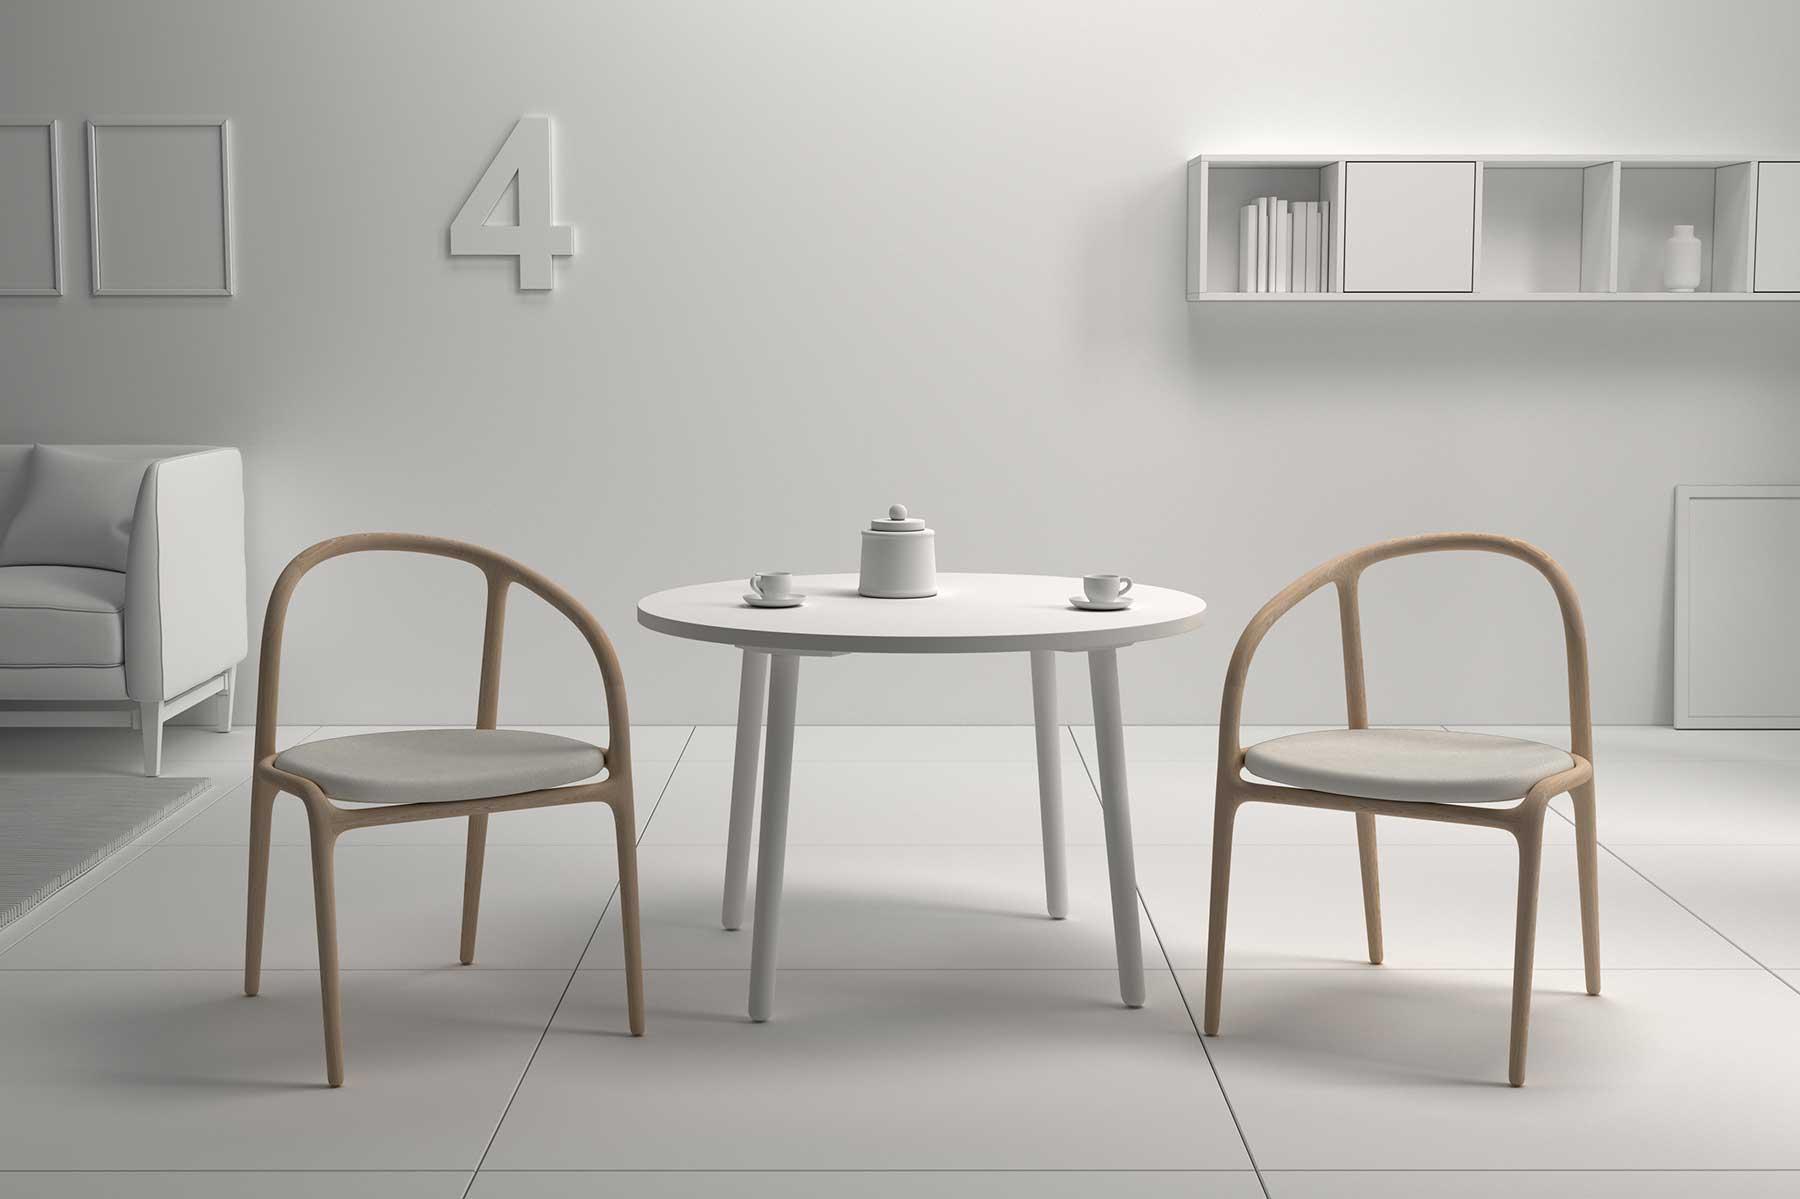 diseño silla manca doble escenario